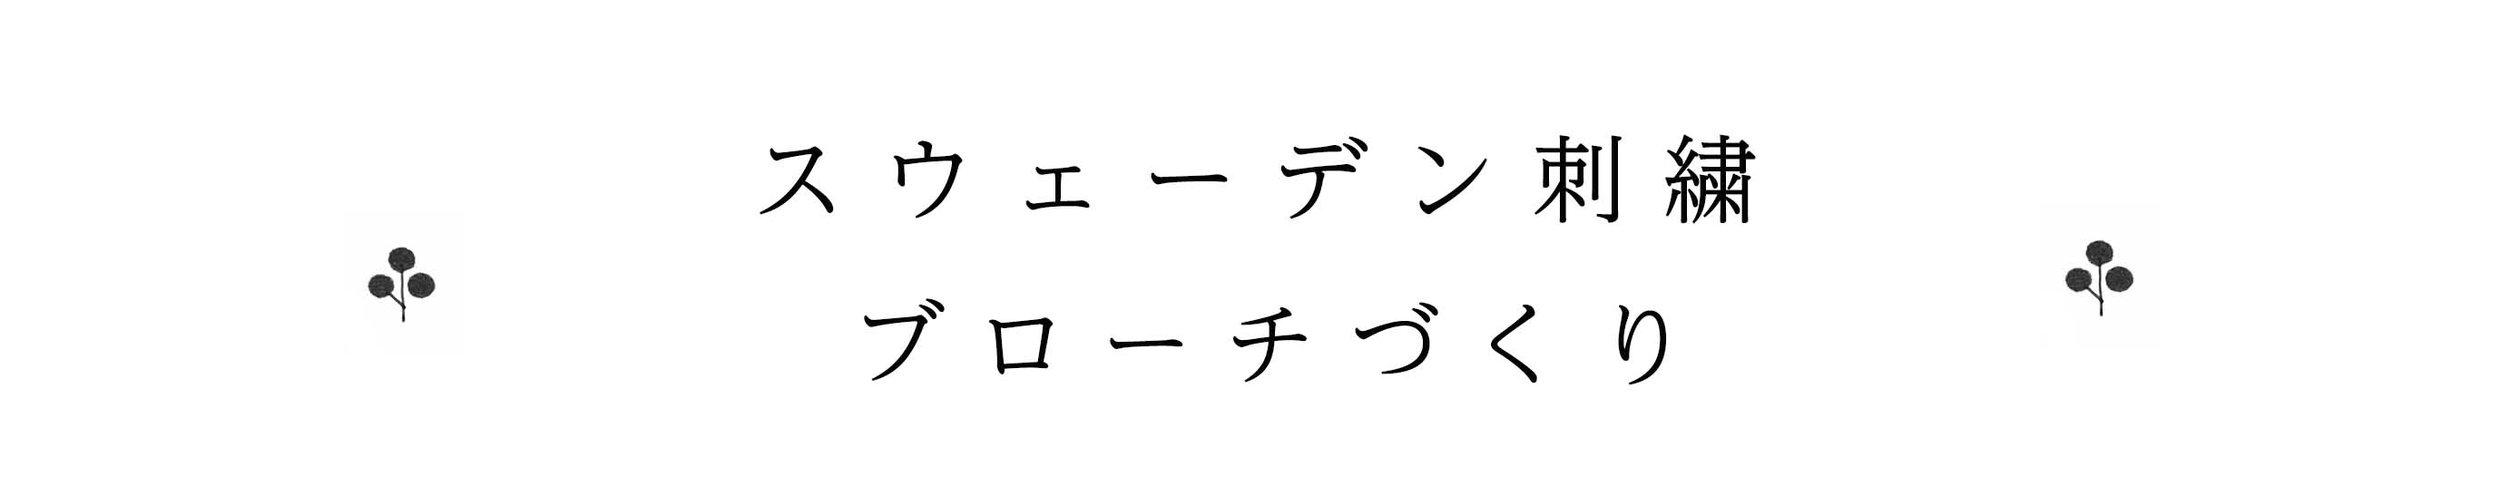 ブローチ_タイトル.jpg